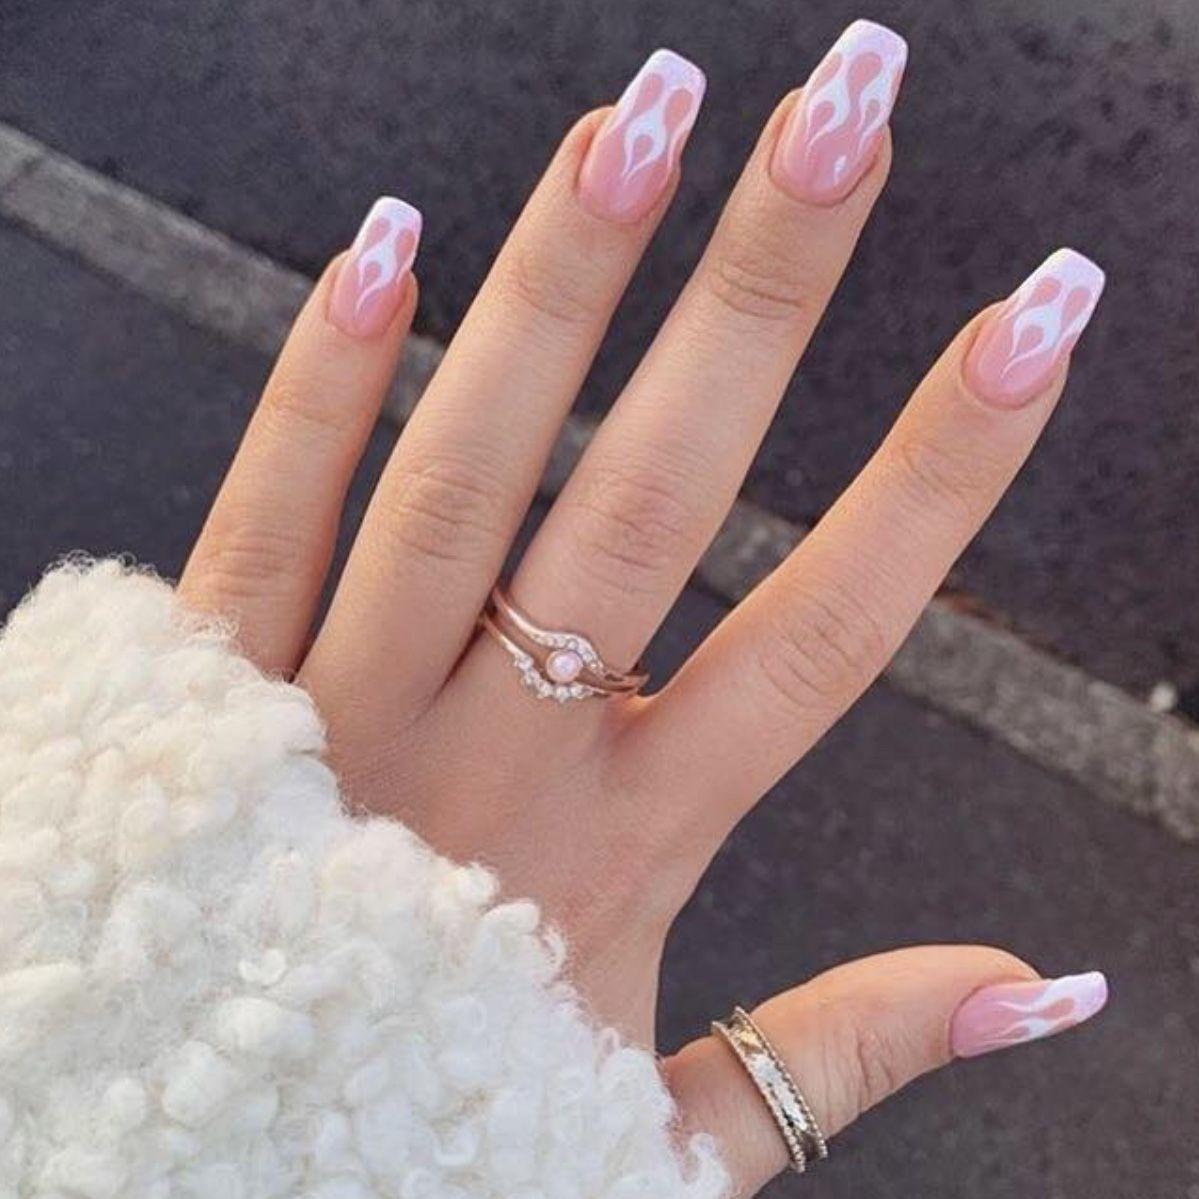 French Nail Flames Pink Nails Pink Acrylic Nails Acrylic Nails